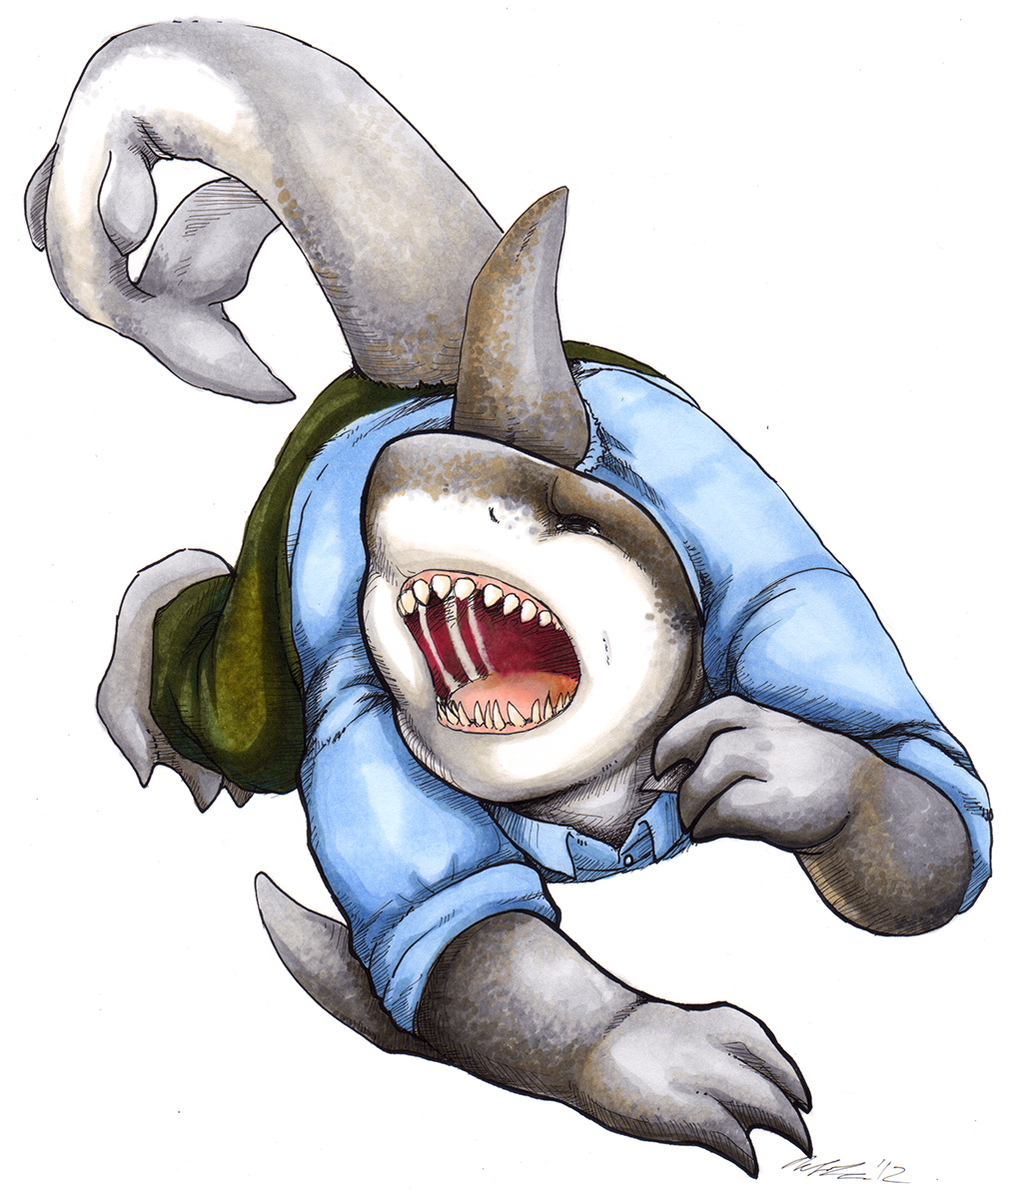 Loan shark!